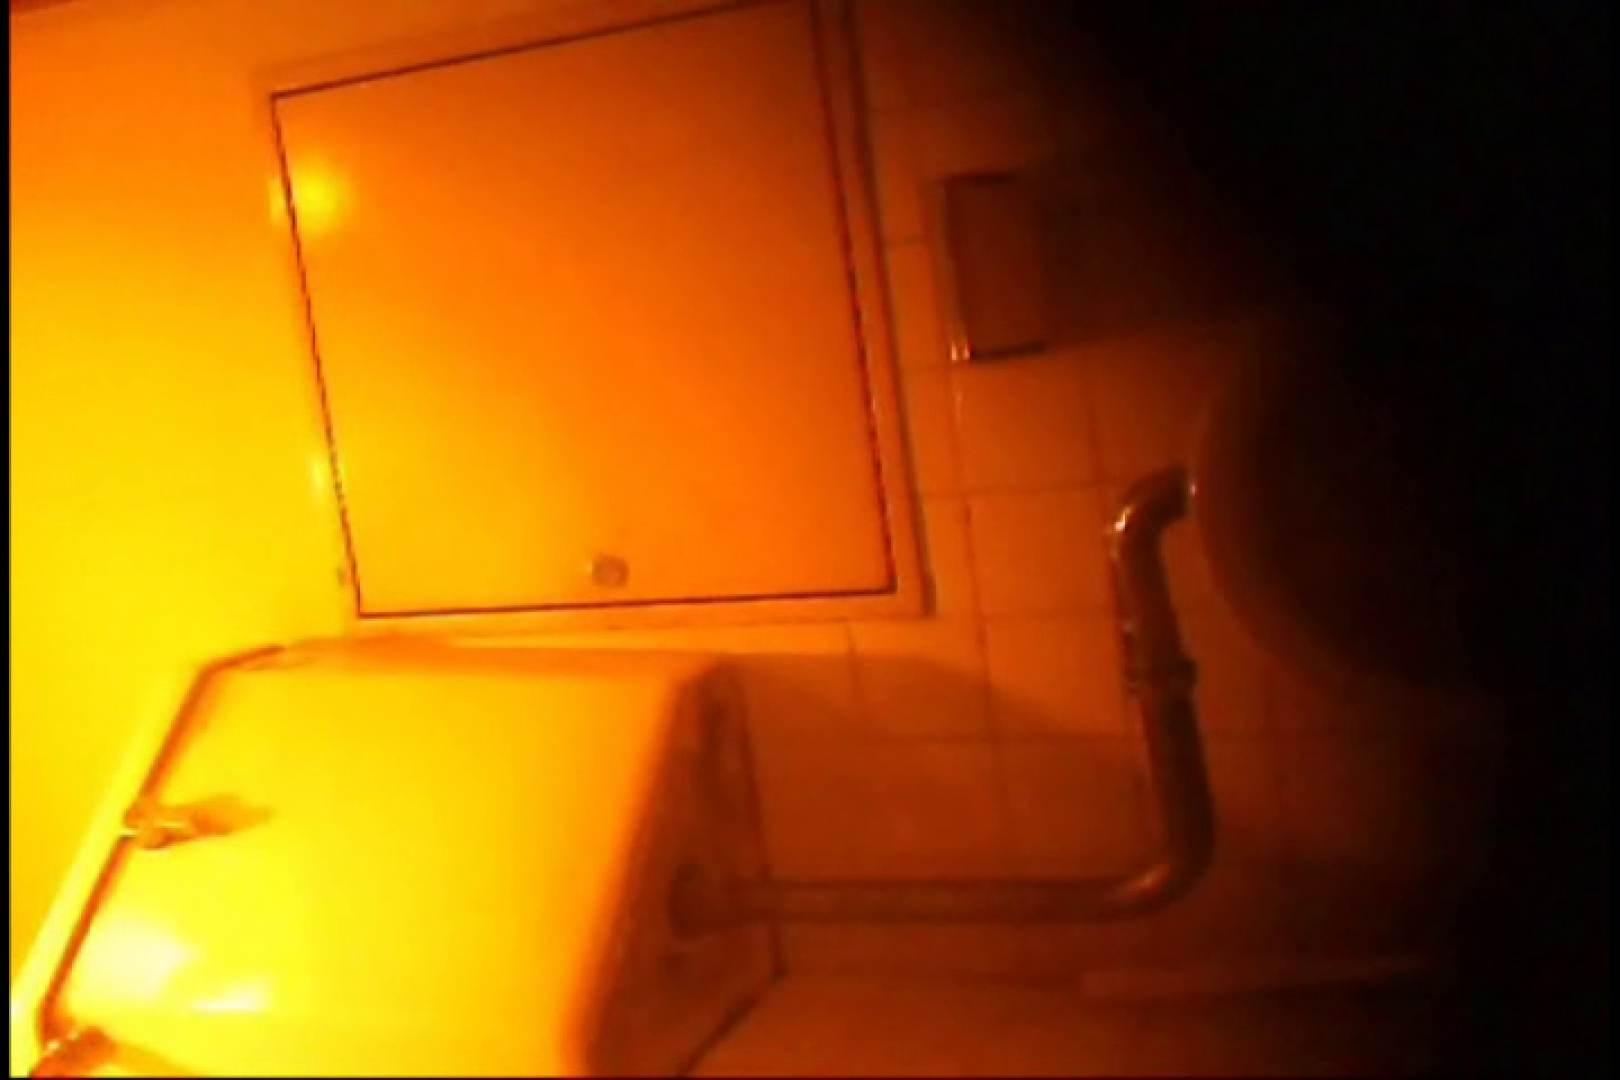 亀さんかわや VIP和式2カメバージョン! vol.04 お姉さん達のオマンコ すけべAV動画紹介 92連発 11